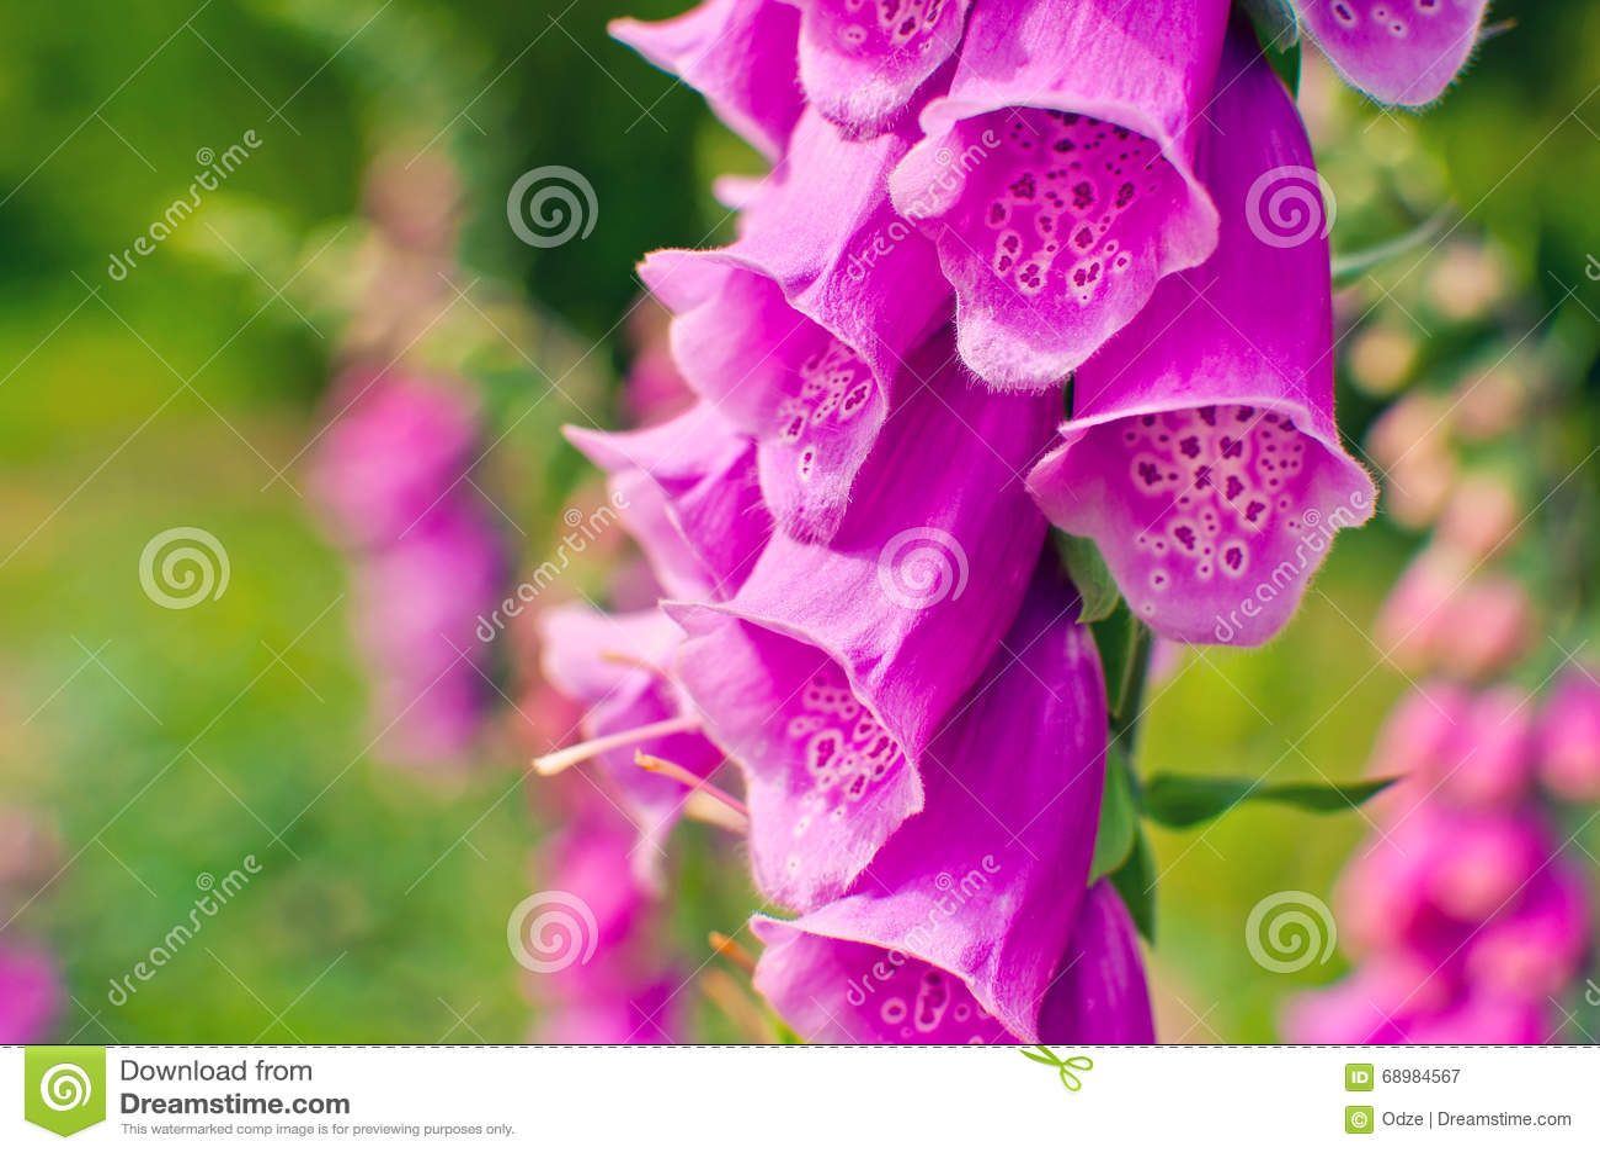 Flores del guante púrpura de la dedalera o de la señora